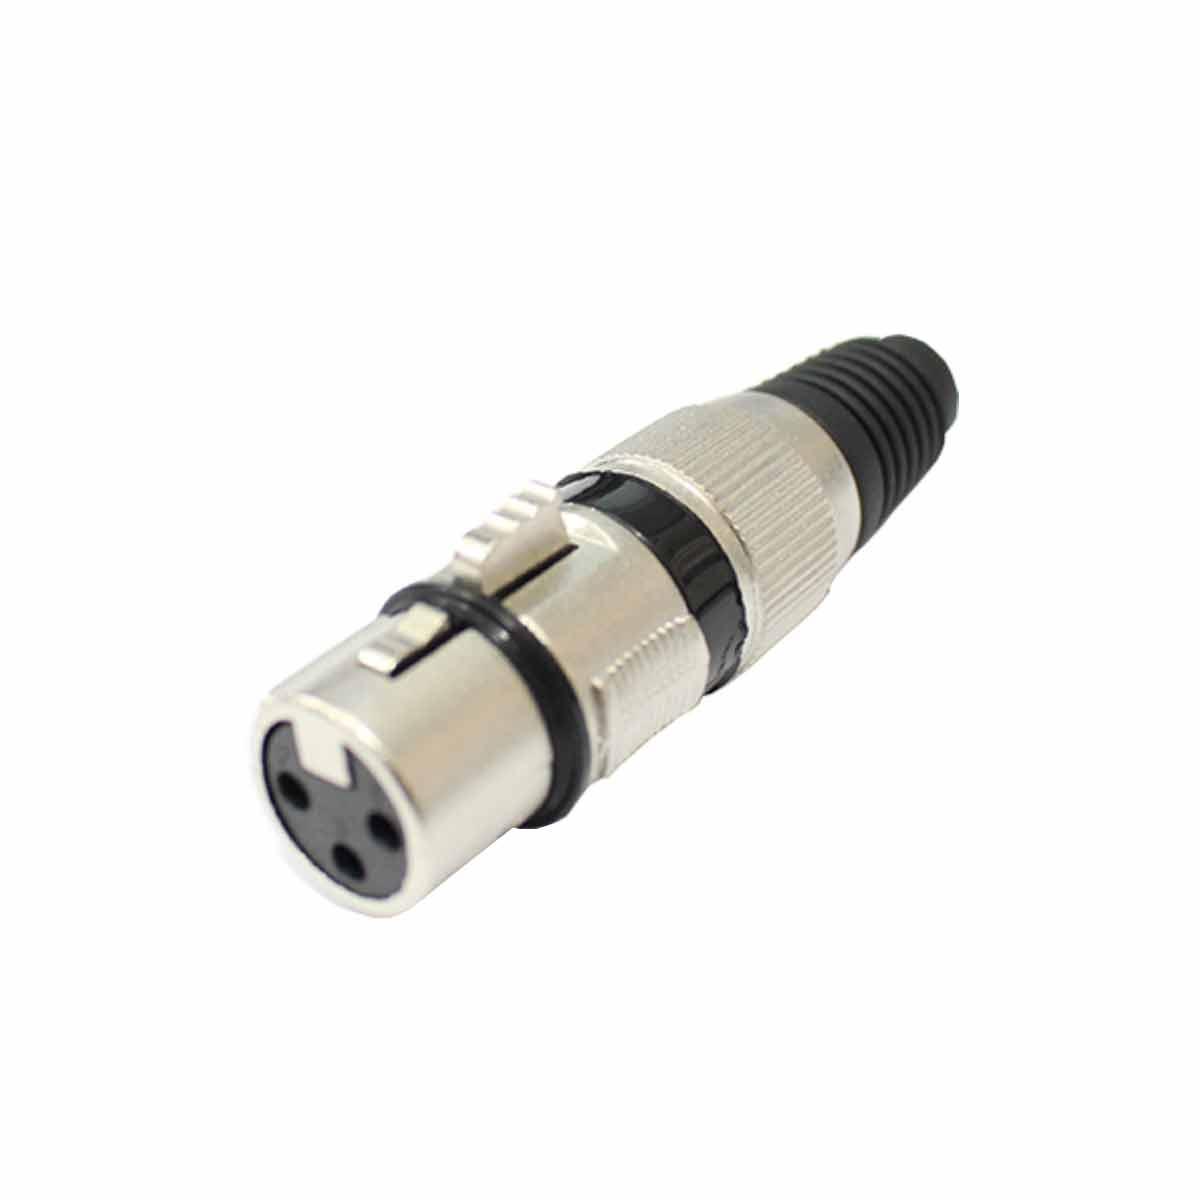 Q33BK - Conector Cannon XLR Fêmea Linha Q 33 BK - CSR